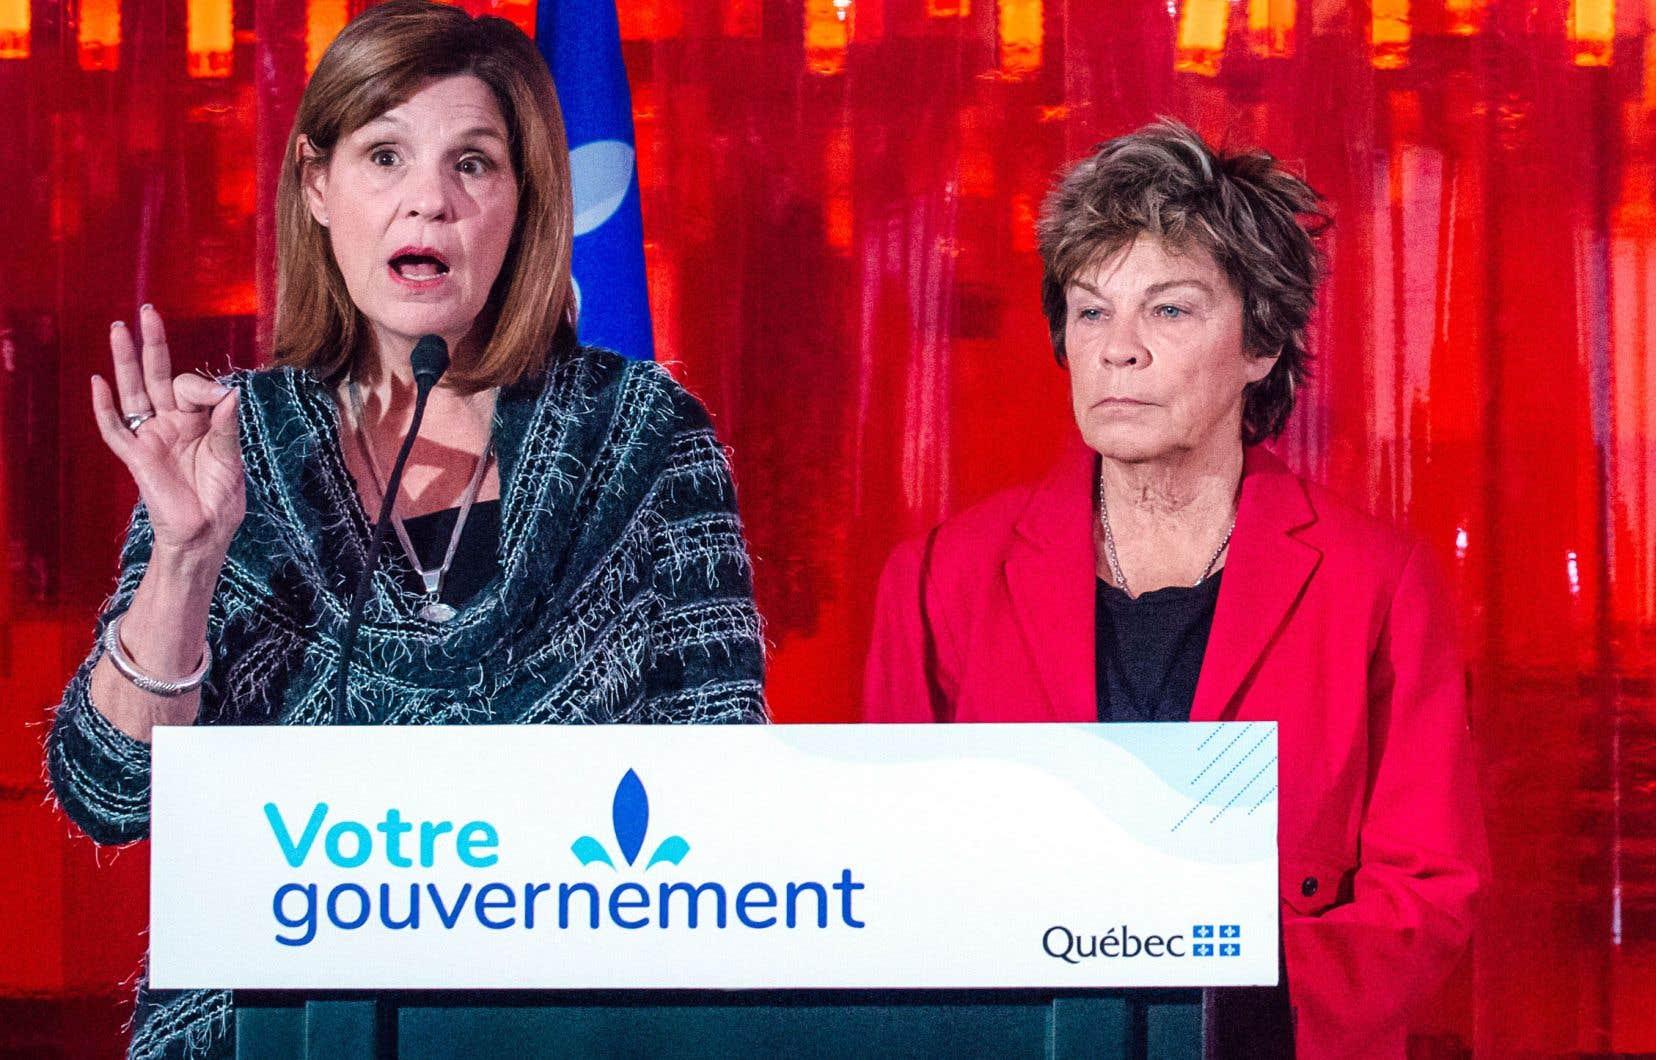 Liza Frulla (à gauche) a été ministre libérale de la Culture, à Québec, et du Patrimoine, à Ottawa. Quant à Louise Beaudoin, elle a eu un mandat marquant à la Culture dans les années 1990.